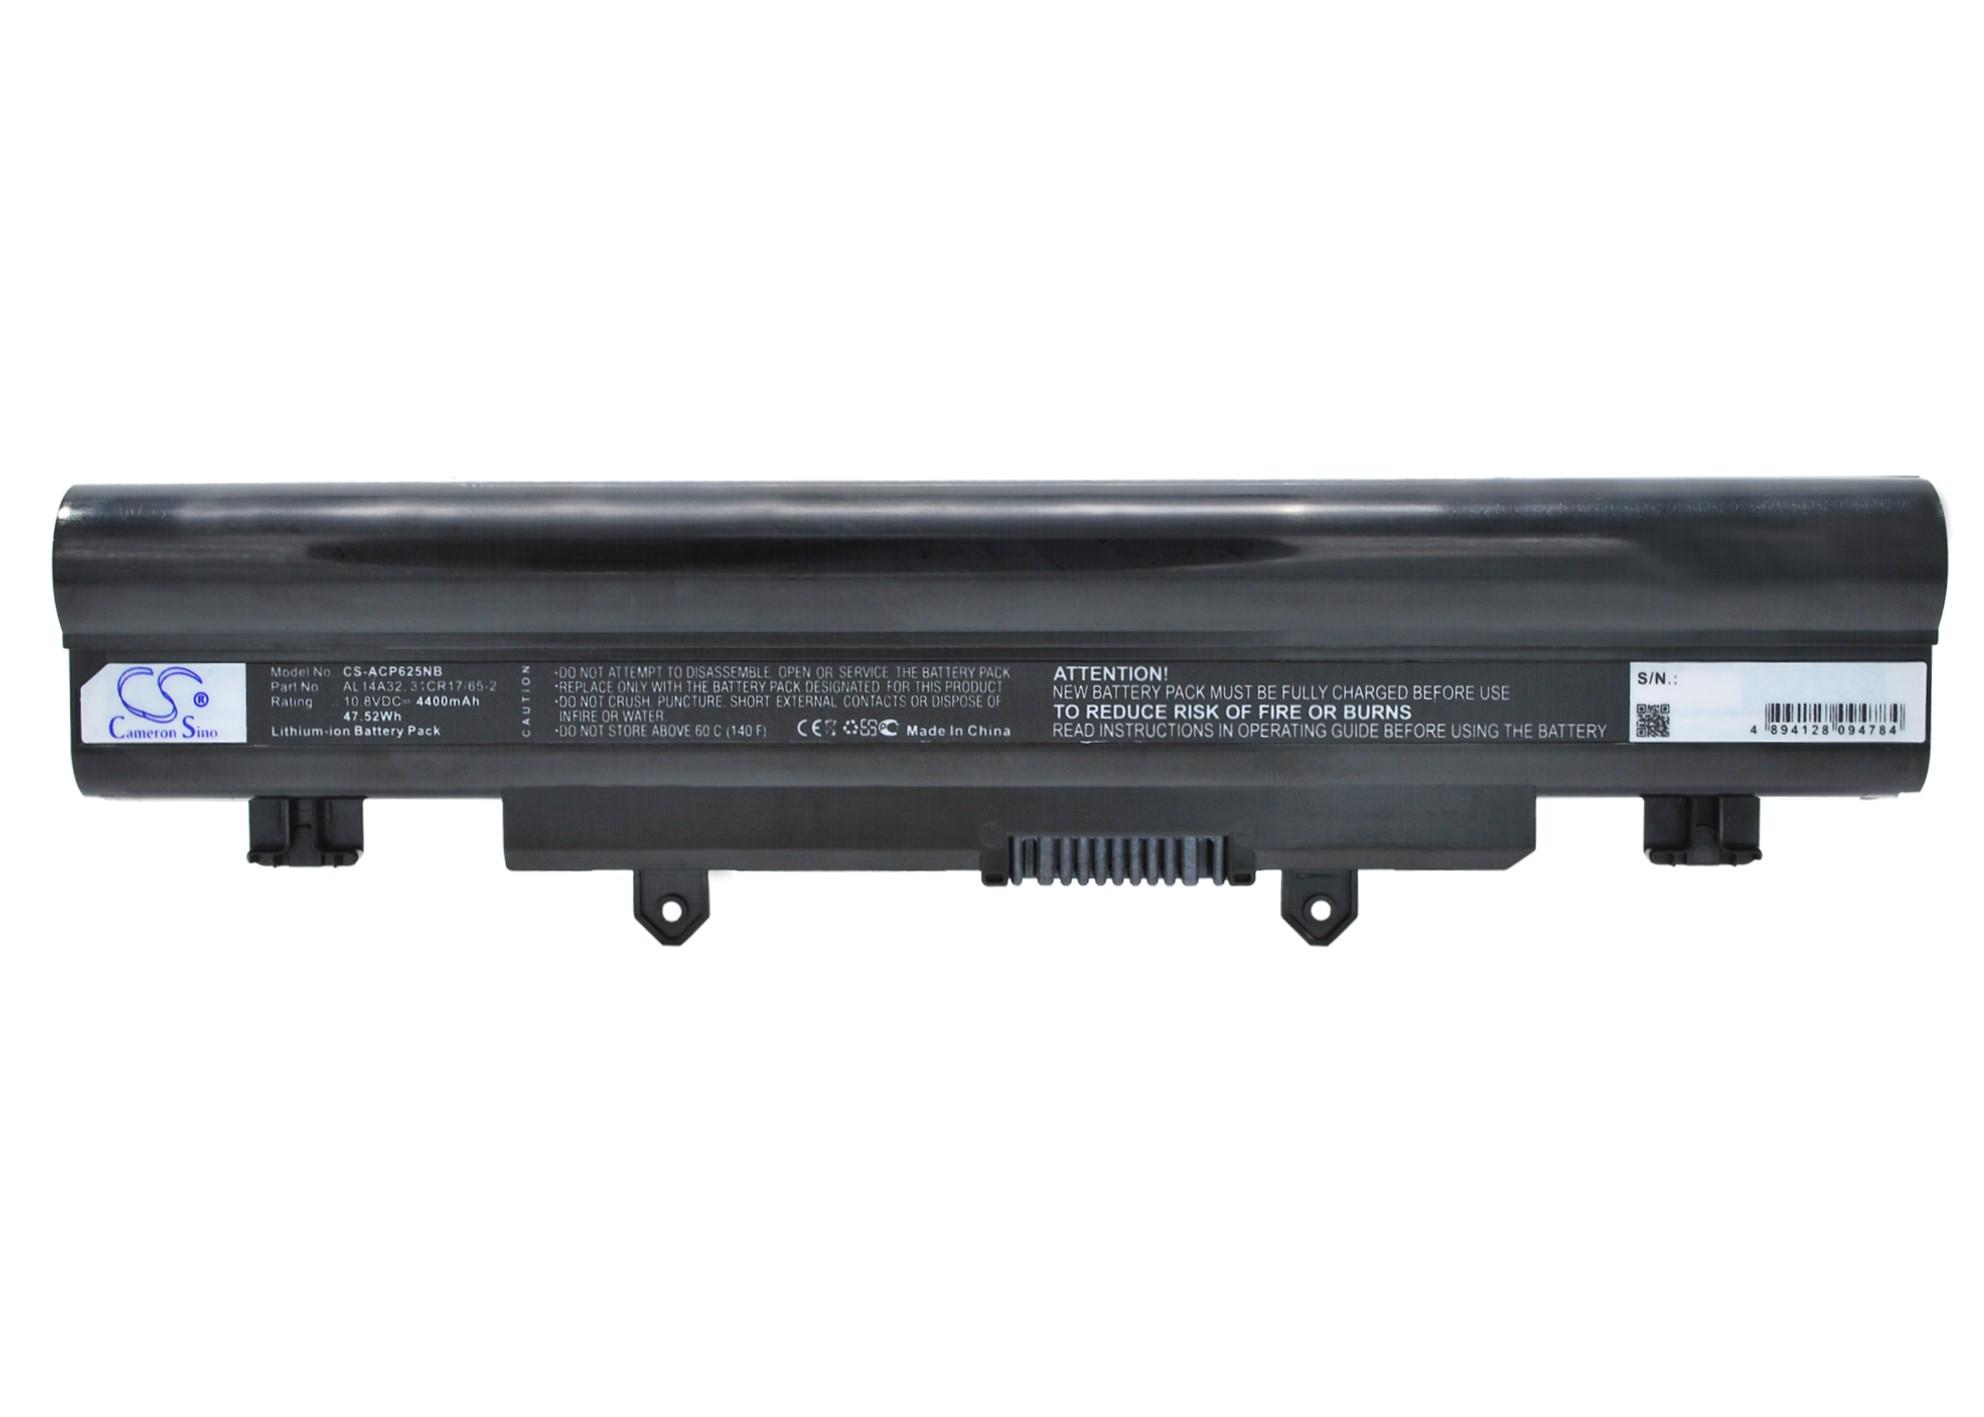 Cameron Sino baterie do notebooků pro ACER Aspire E5-471 10.8V Li-ion 4400mAh černá - neoriginální